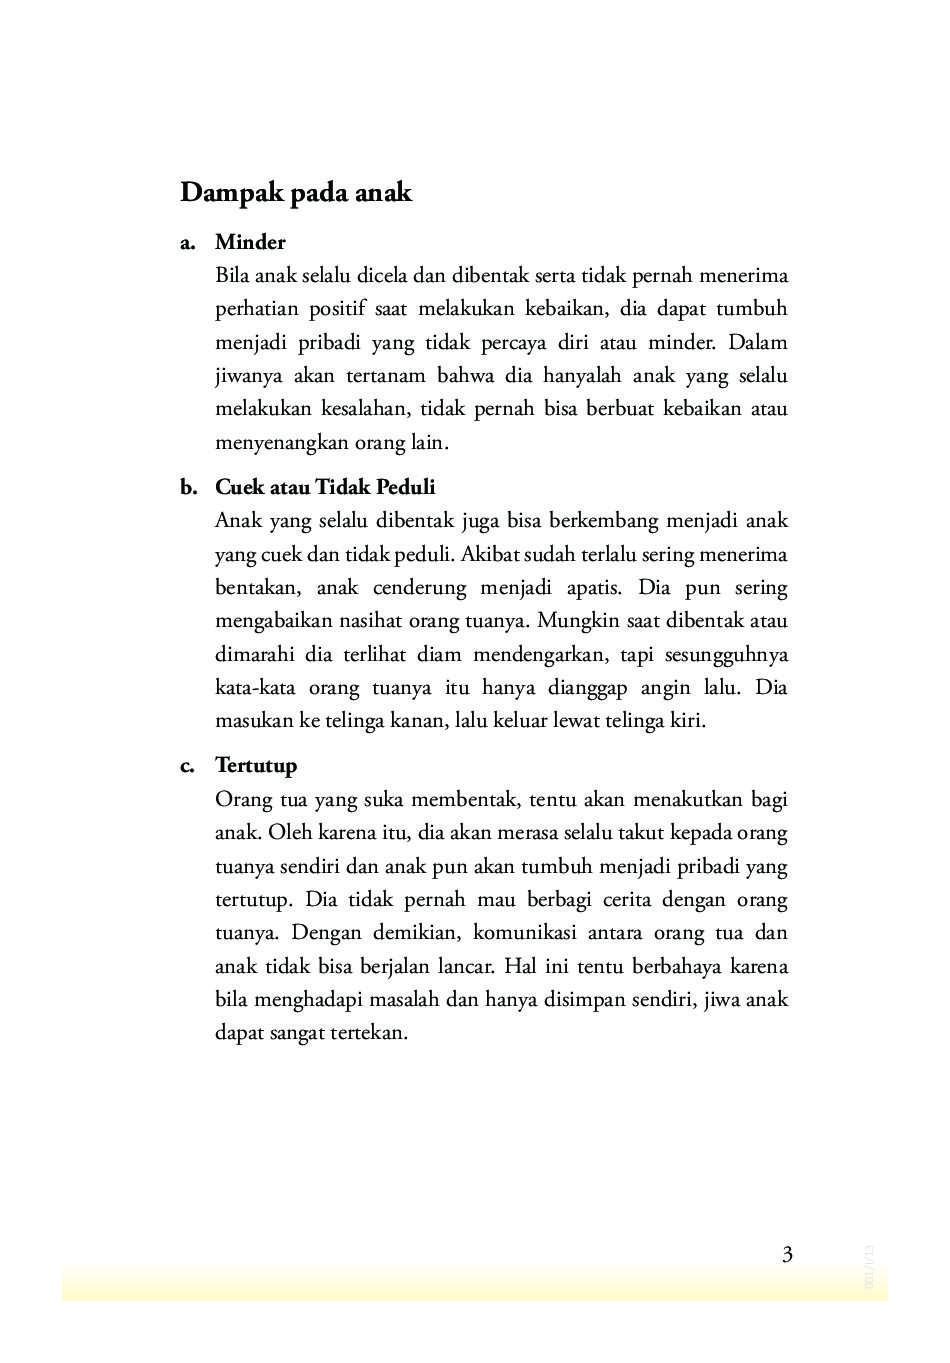 Jual Buku 5 Yang Dilarang Oleh Arfiani Dan Rinna Rahmawati Re Media